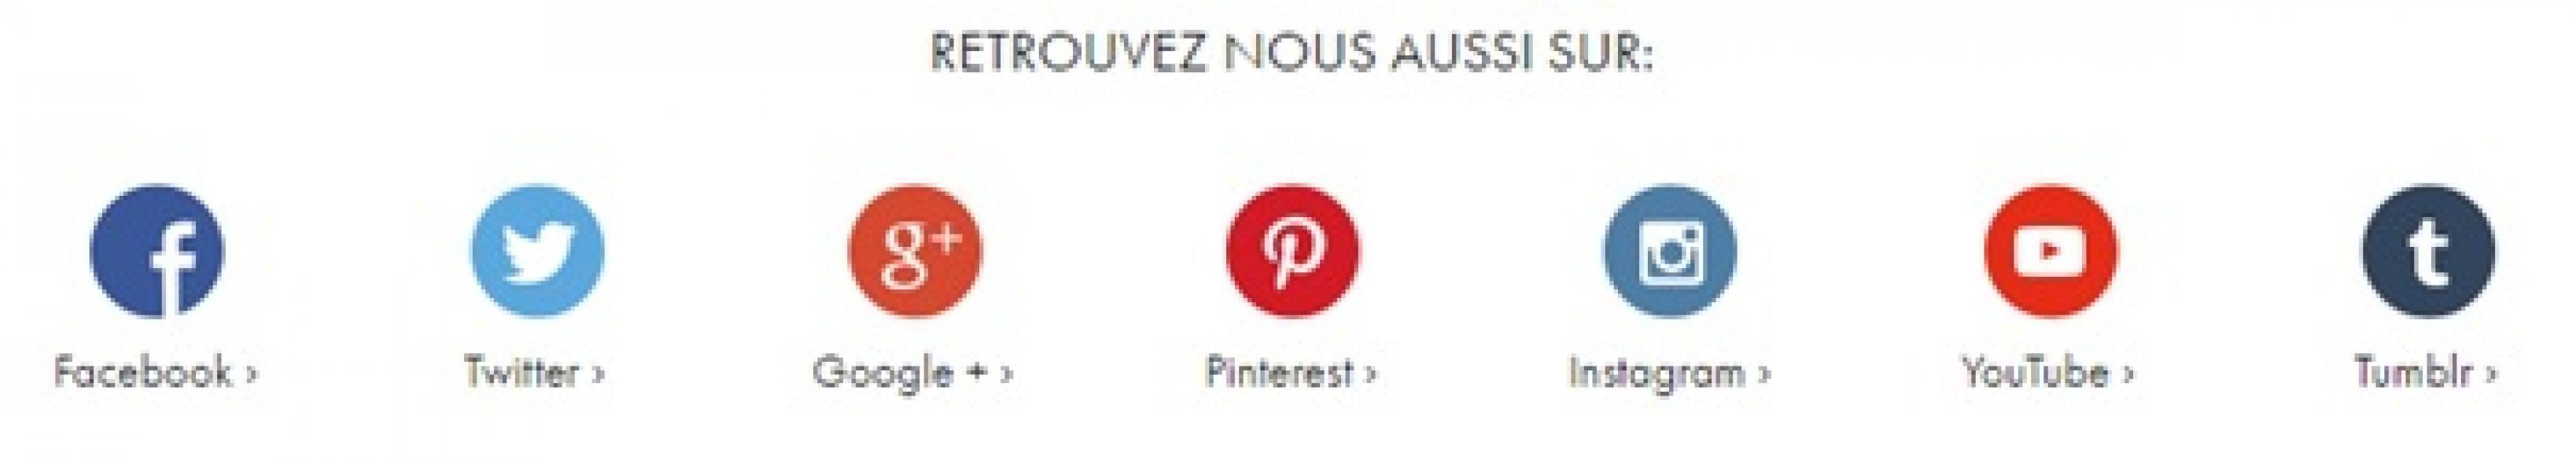 logo instagram pour cv